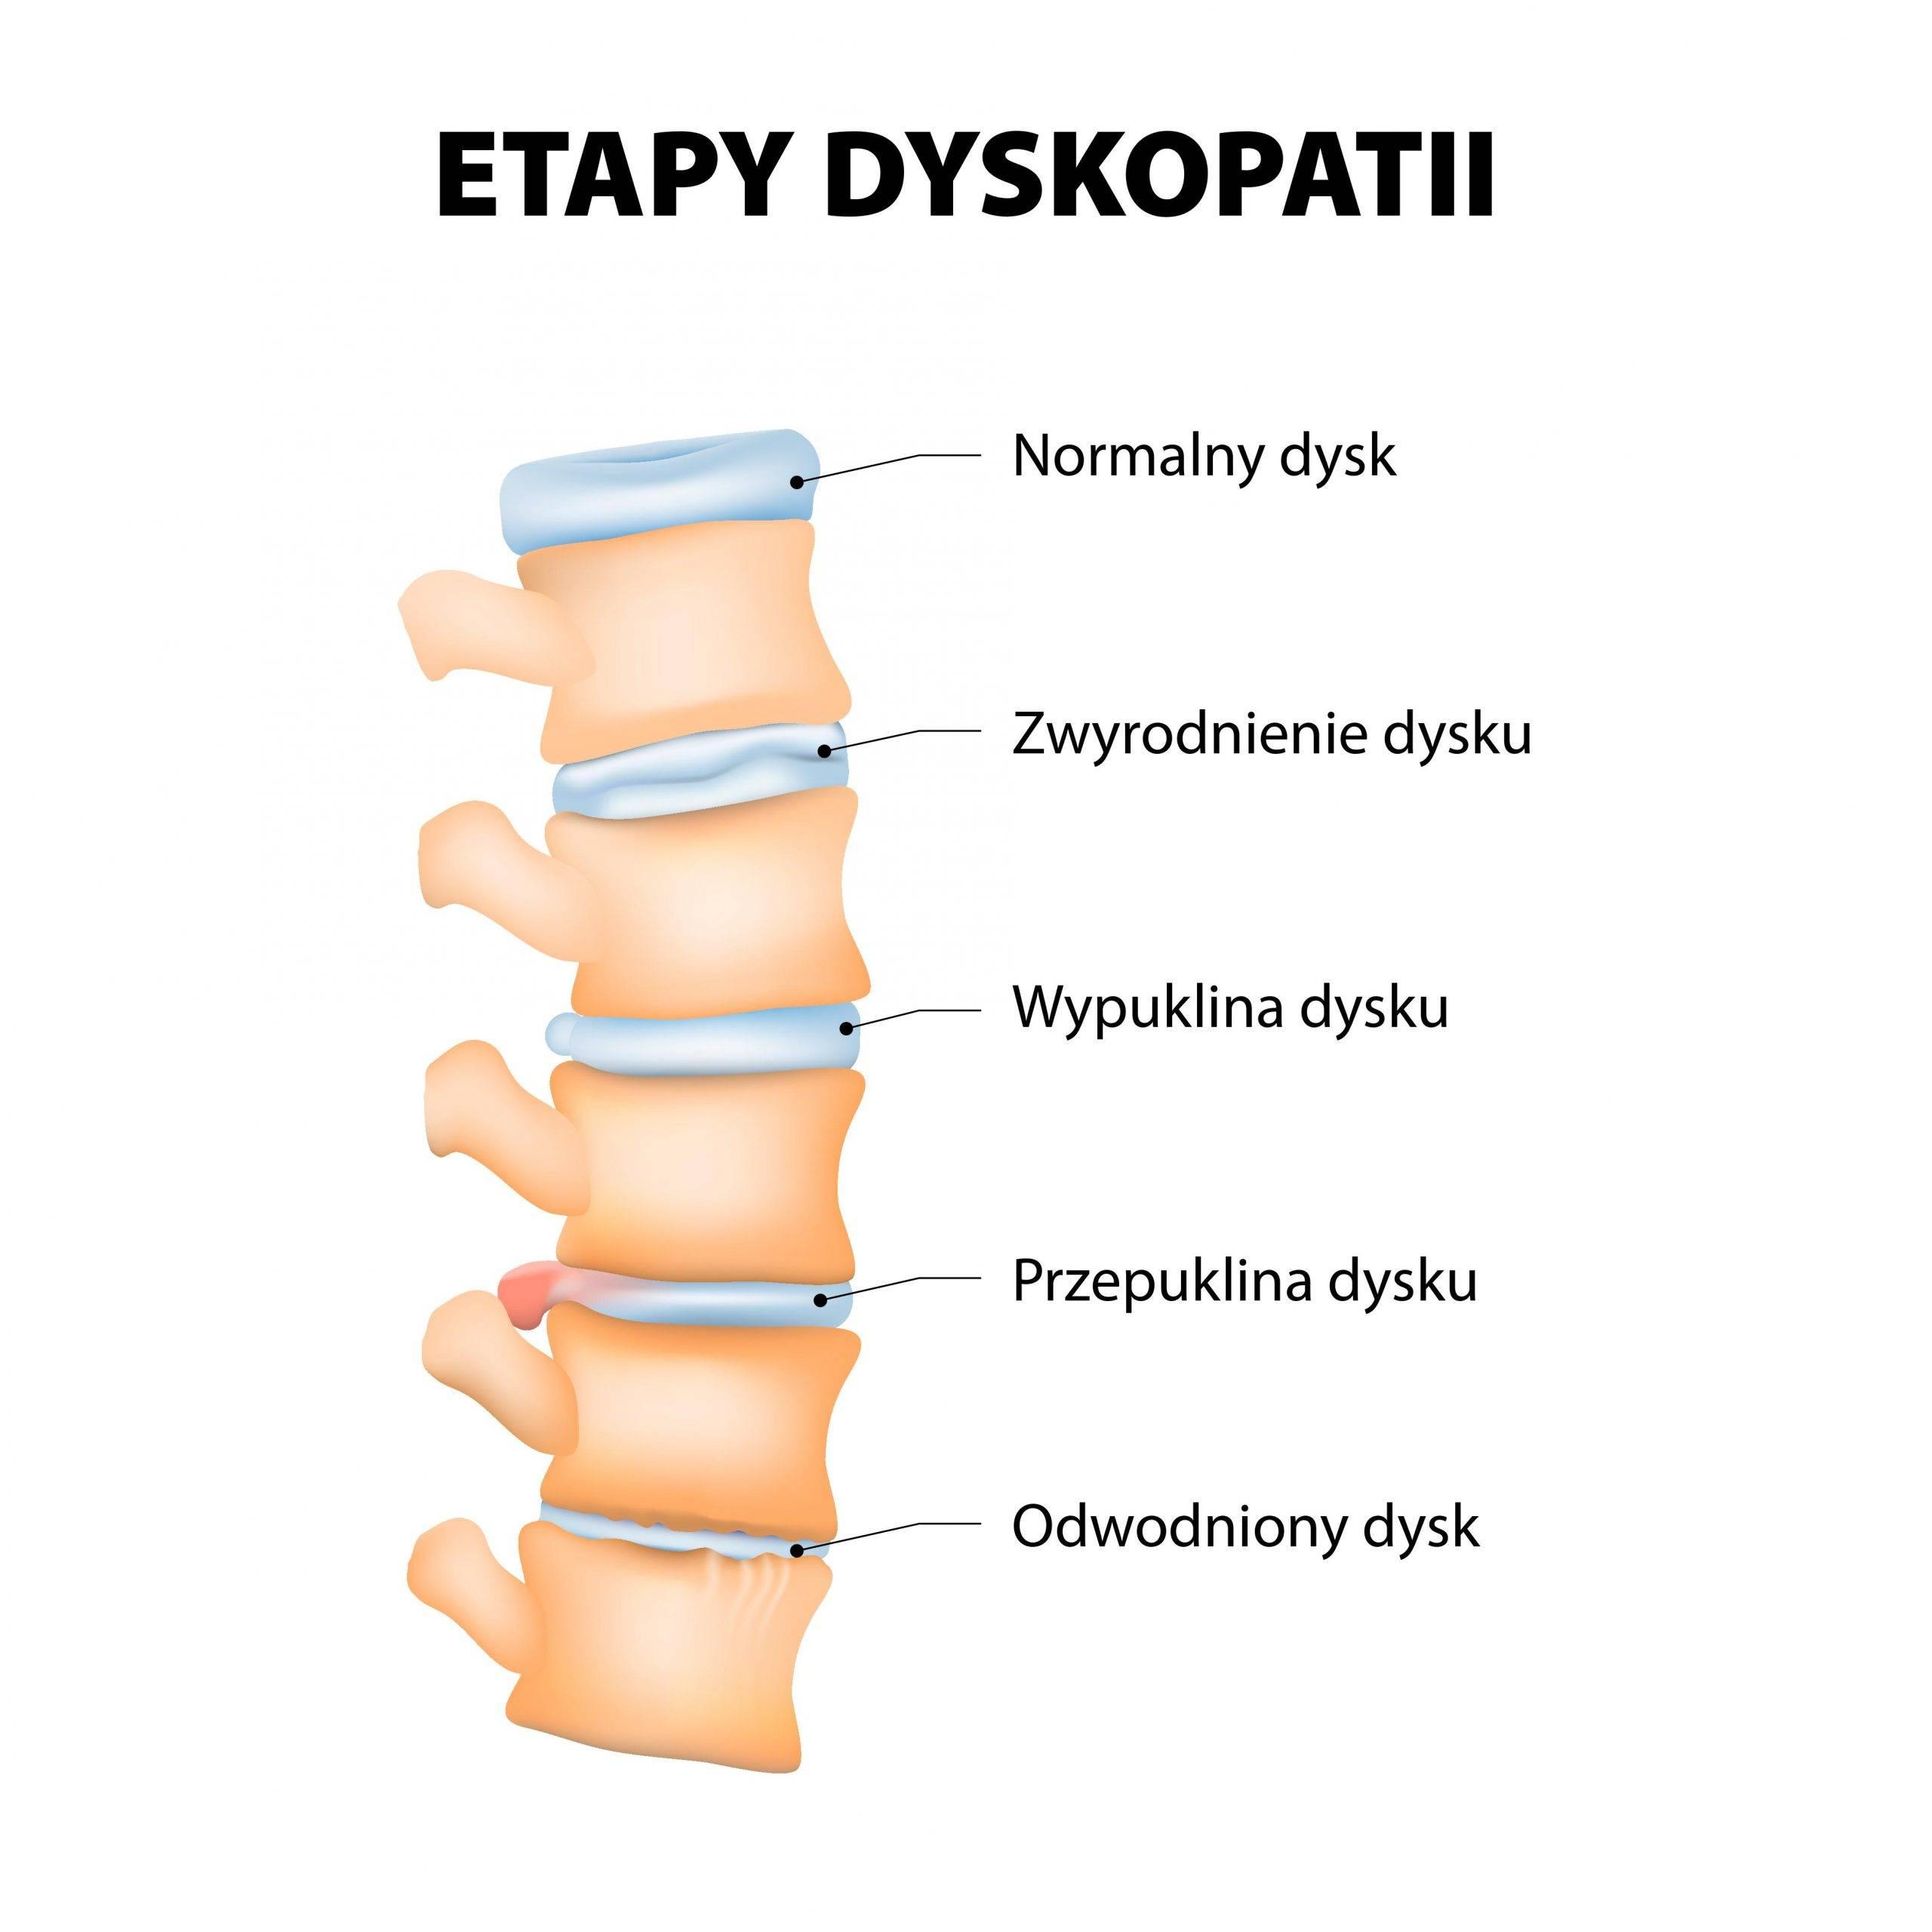 Etapy dyskopatii kręgosłupa - infografika.